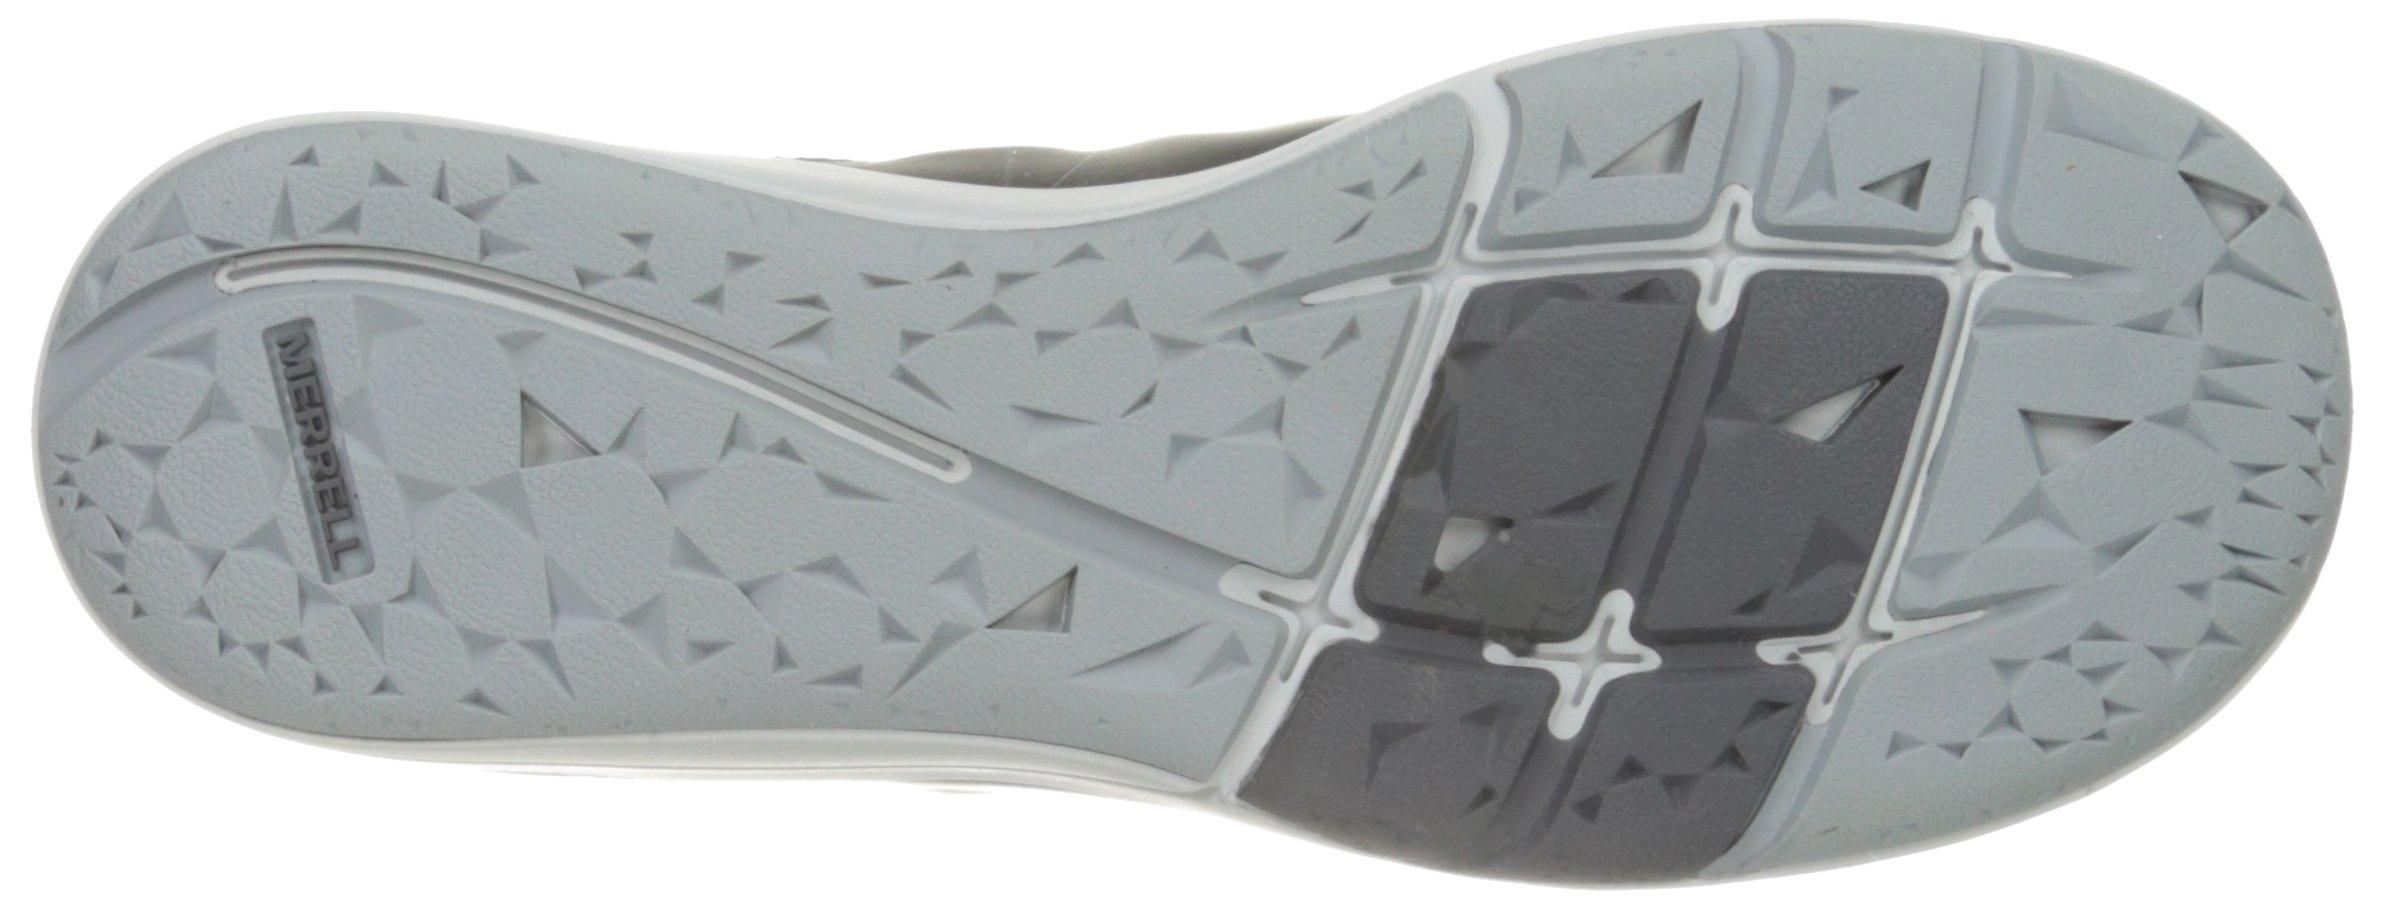 Merrell Women's Applaud Slide Slip-On Shoe, Black, 9.5 M US by Merrell (Image #3)